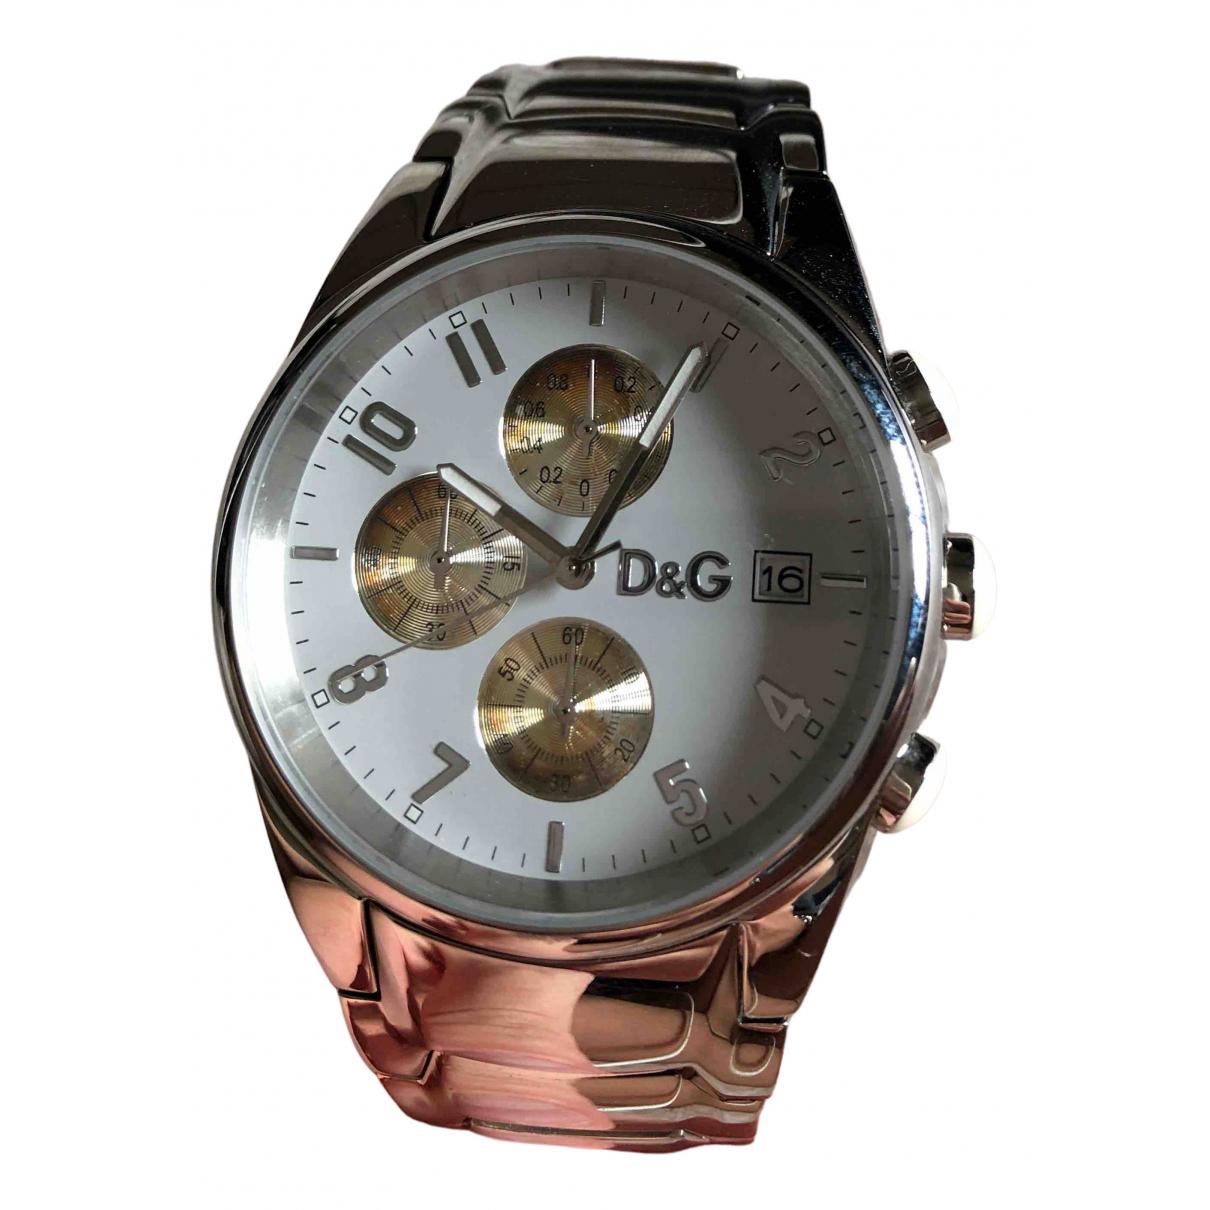 Reloj D&g